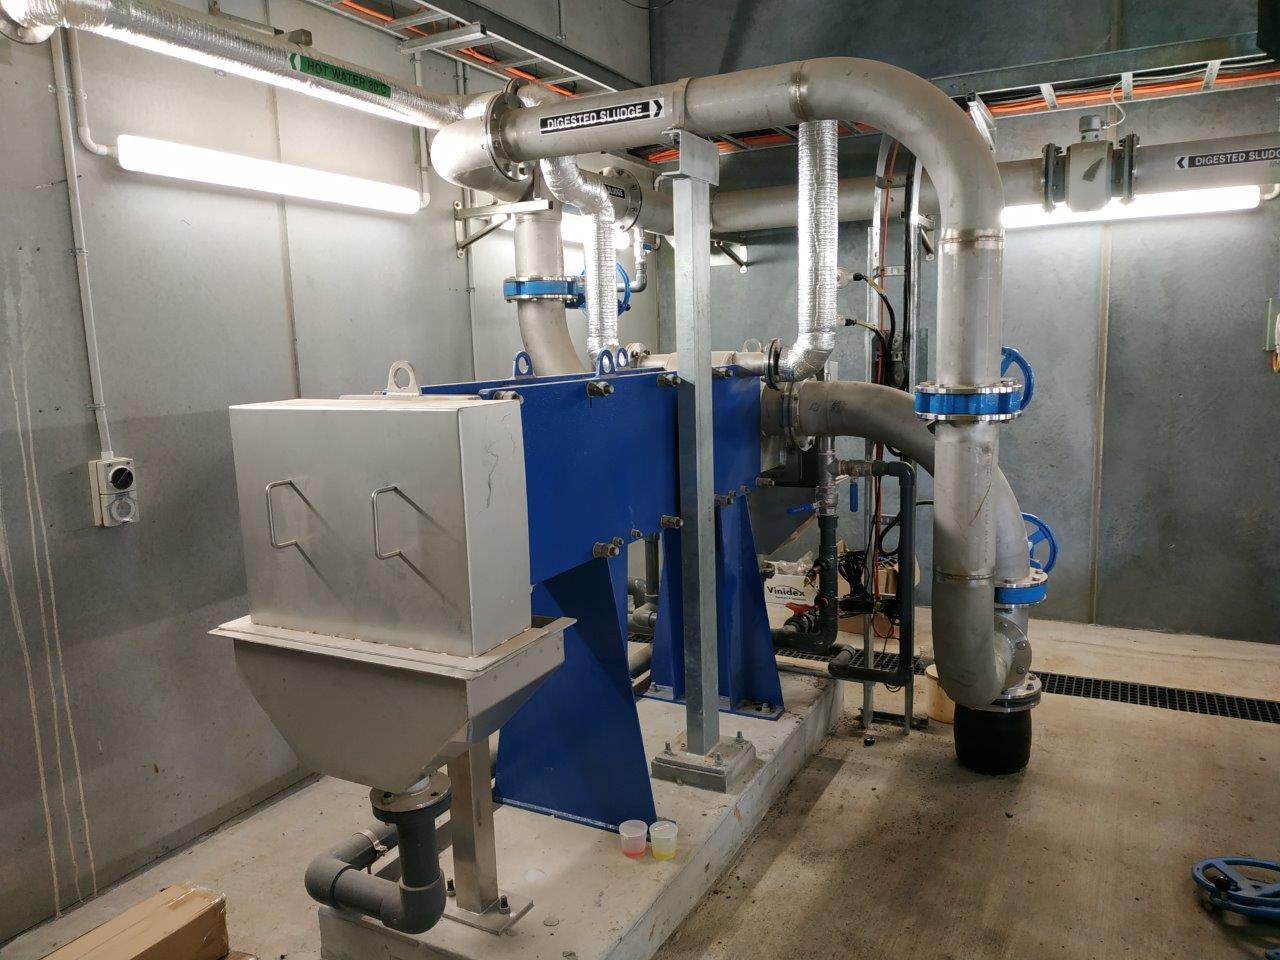 Melton RWP - Sludge Heat Exchangers